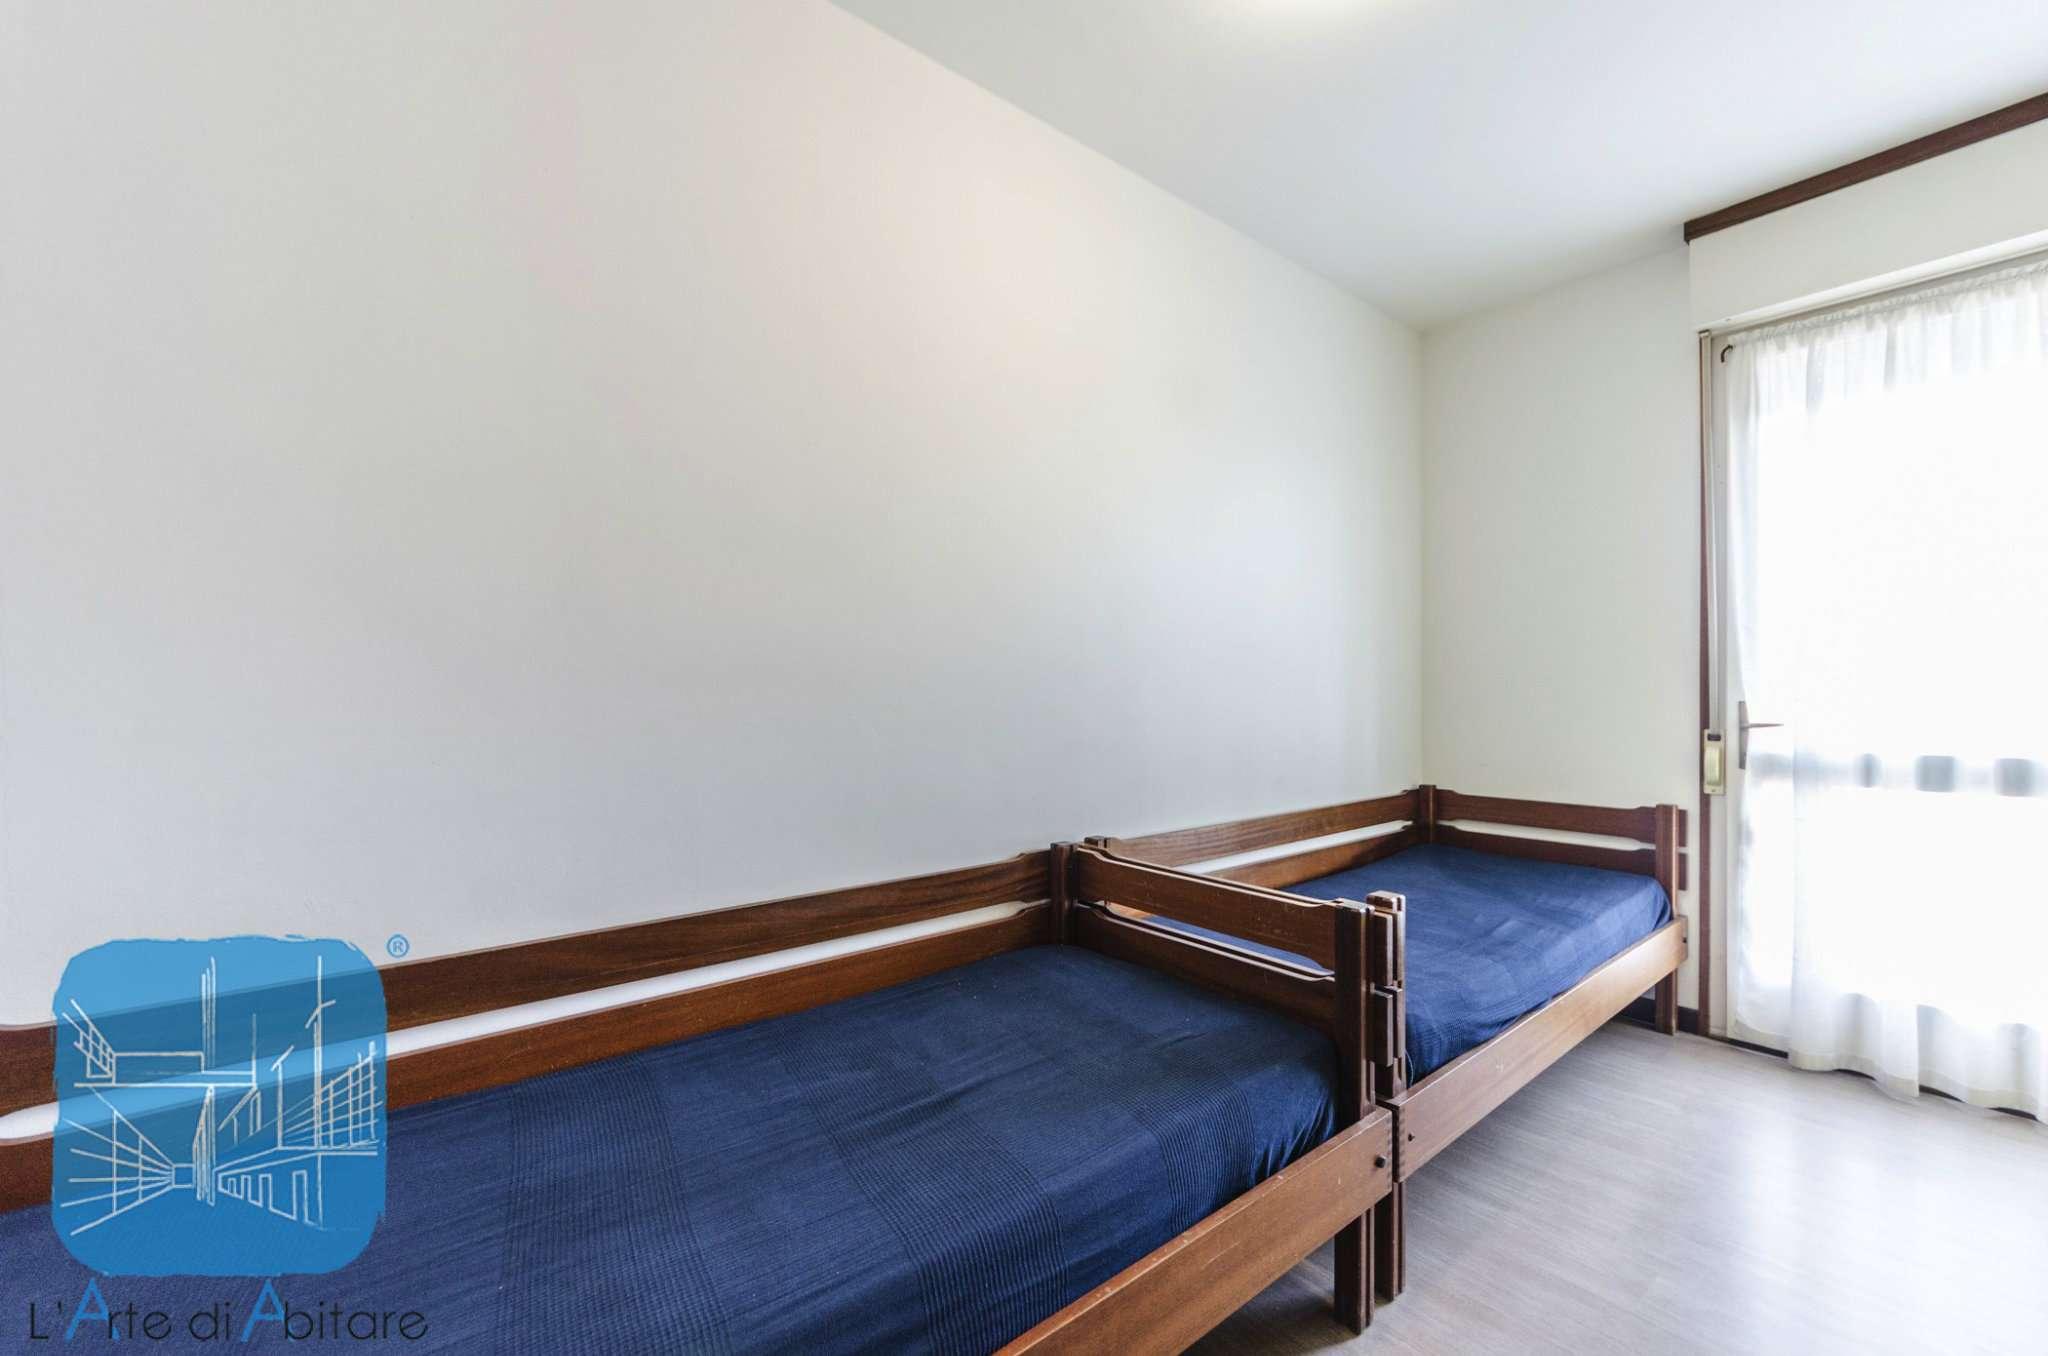 Appartamento in vendita a Caorle, 2 locali, prezzo € 115.000 | Cambio Casa.it